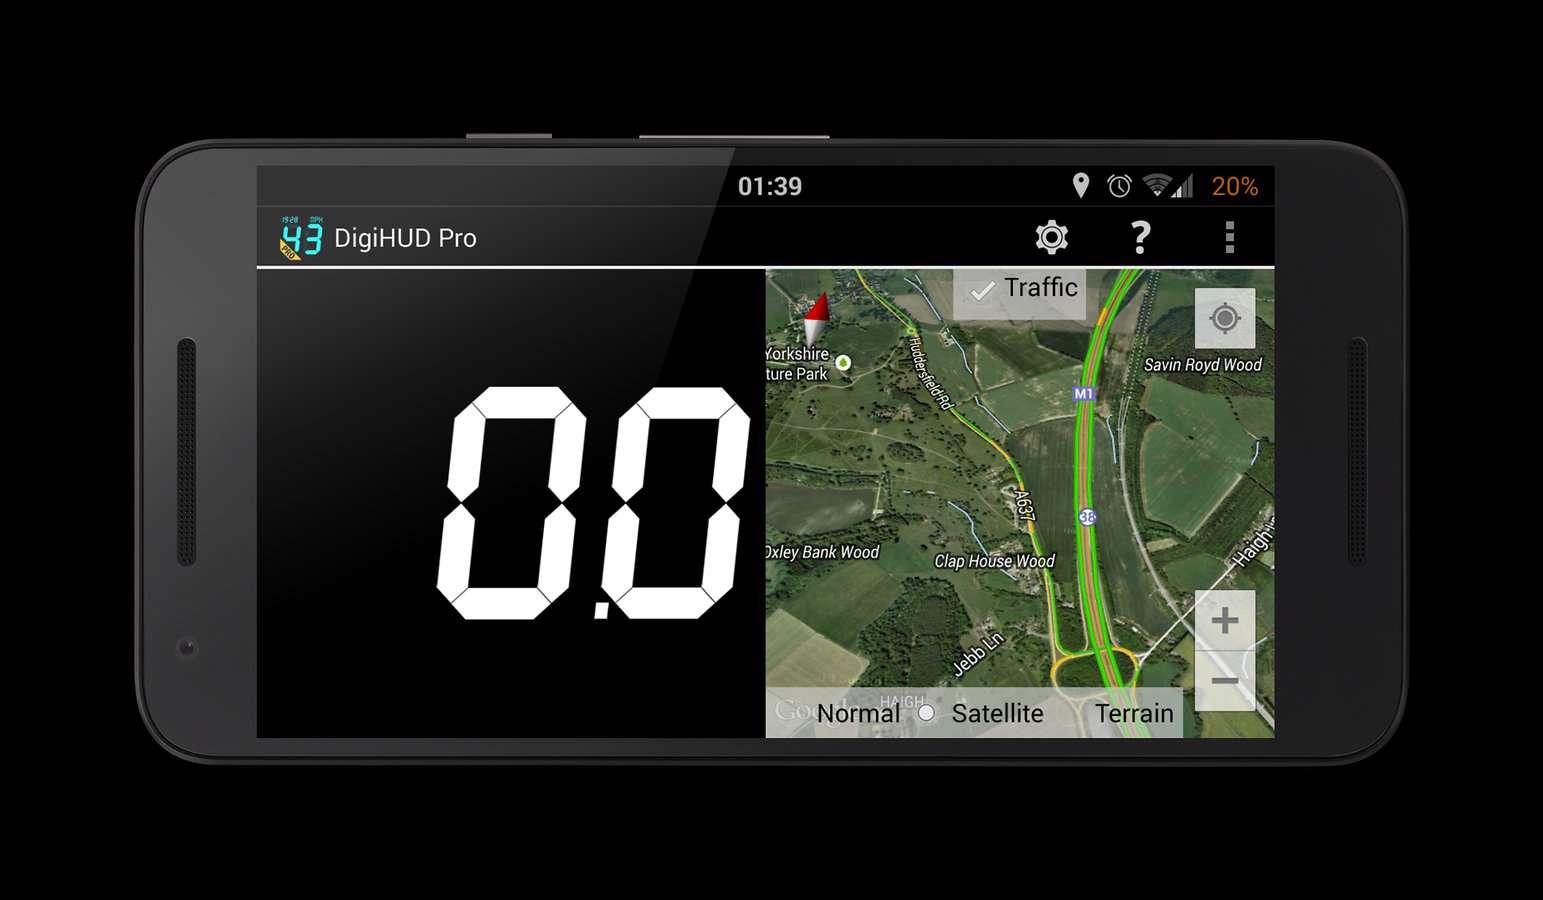 دانلود سرعت سنج وسایل نقلیه DigiHUD Pro Speedometer 1.1.5 برای آندروید